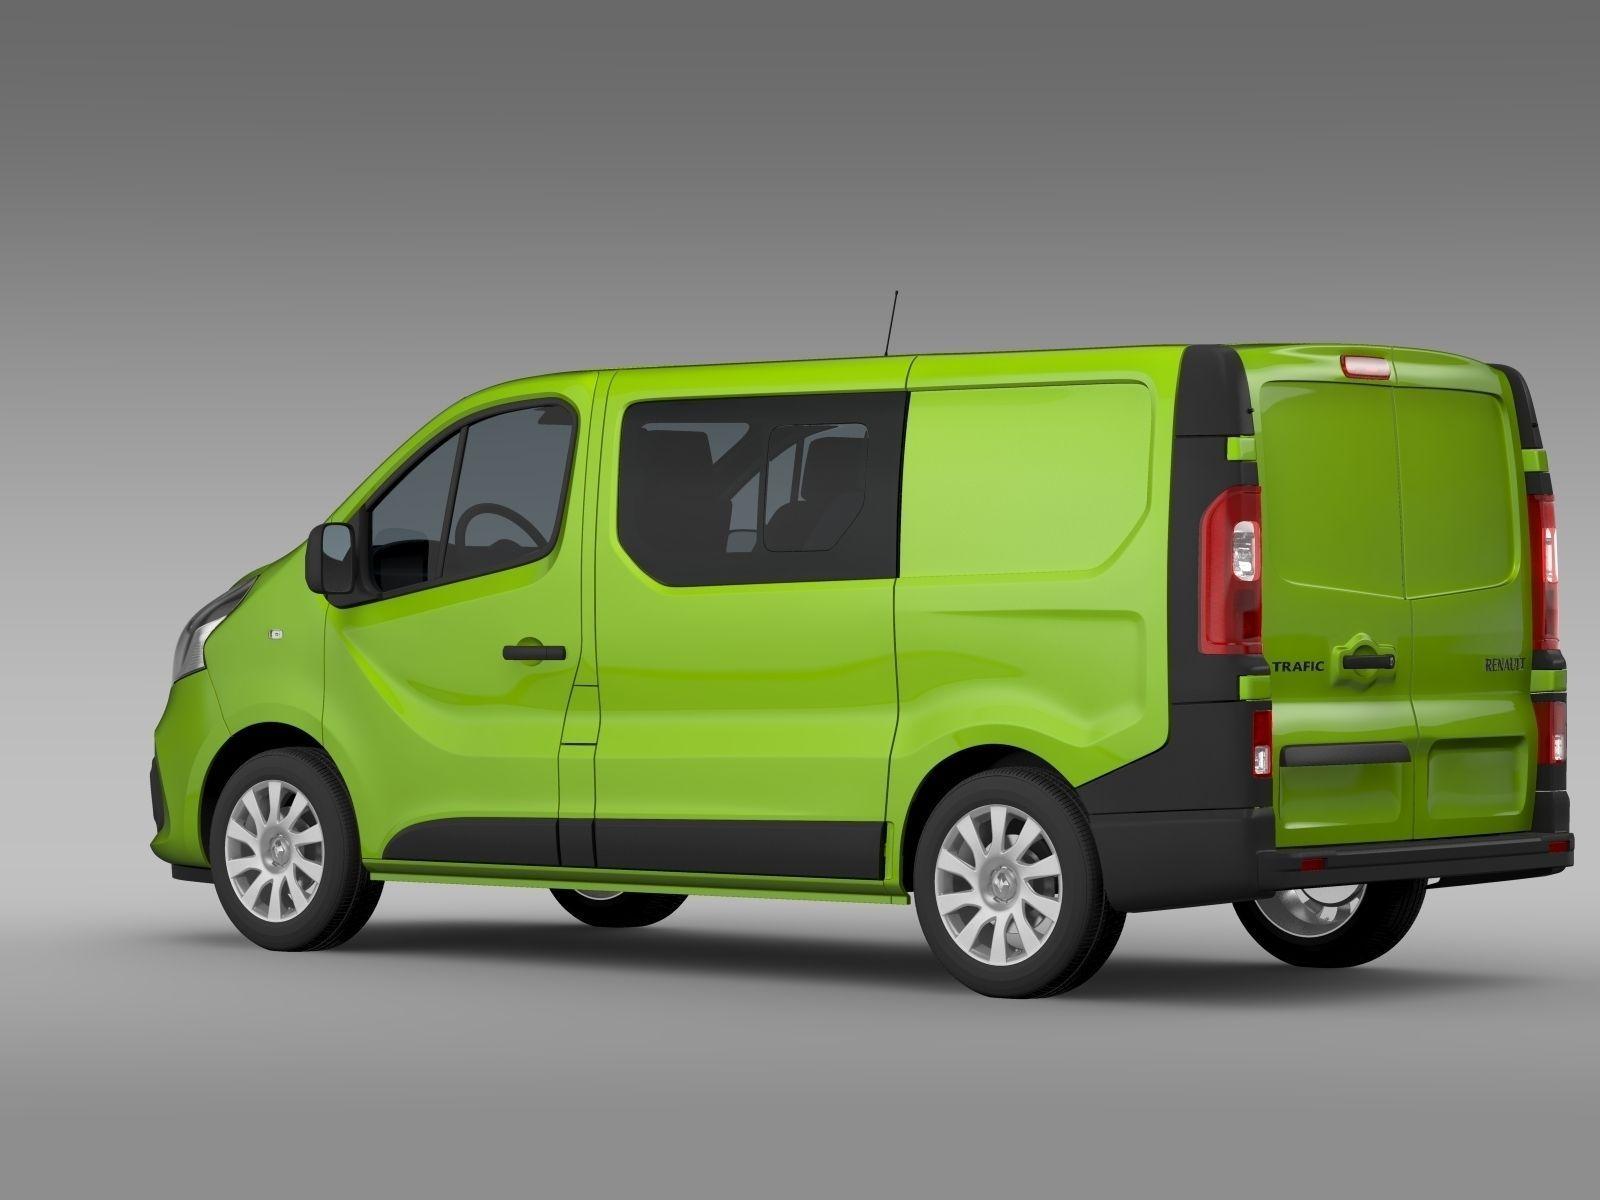 Renault van models